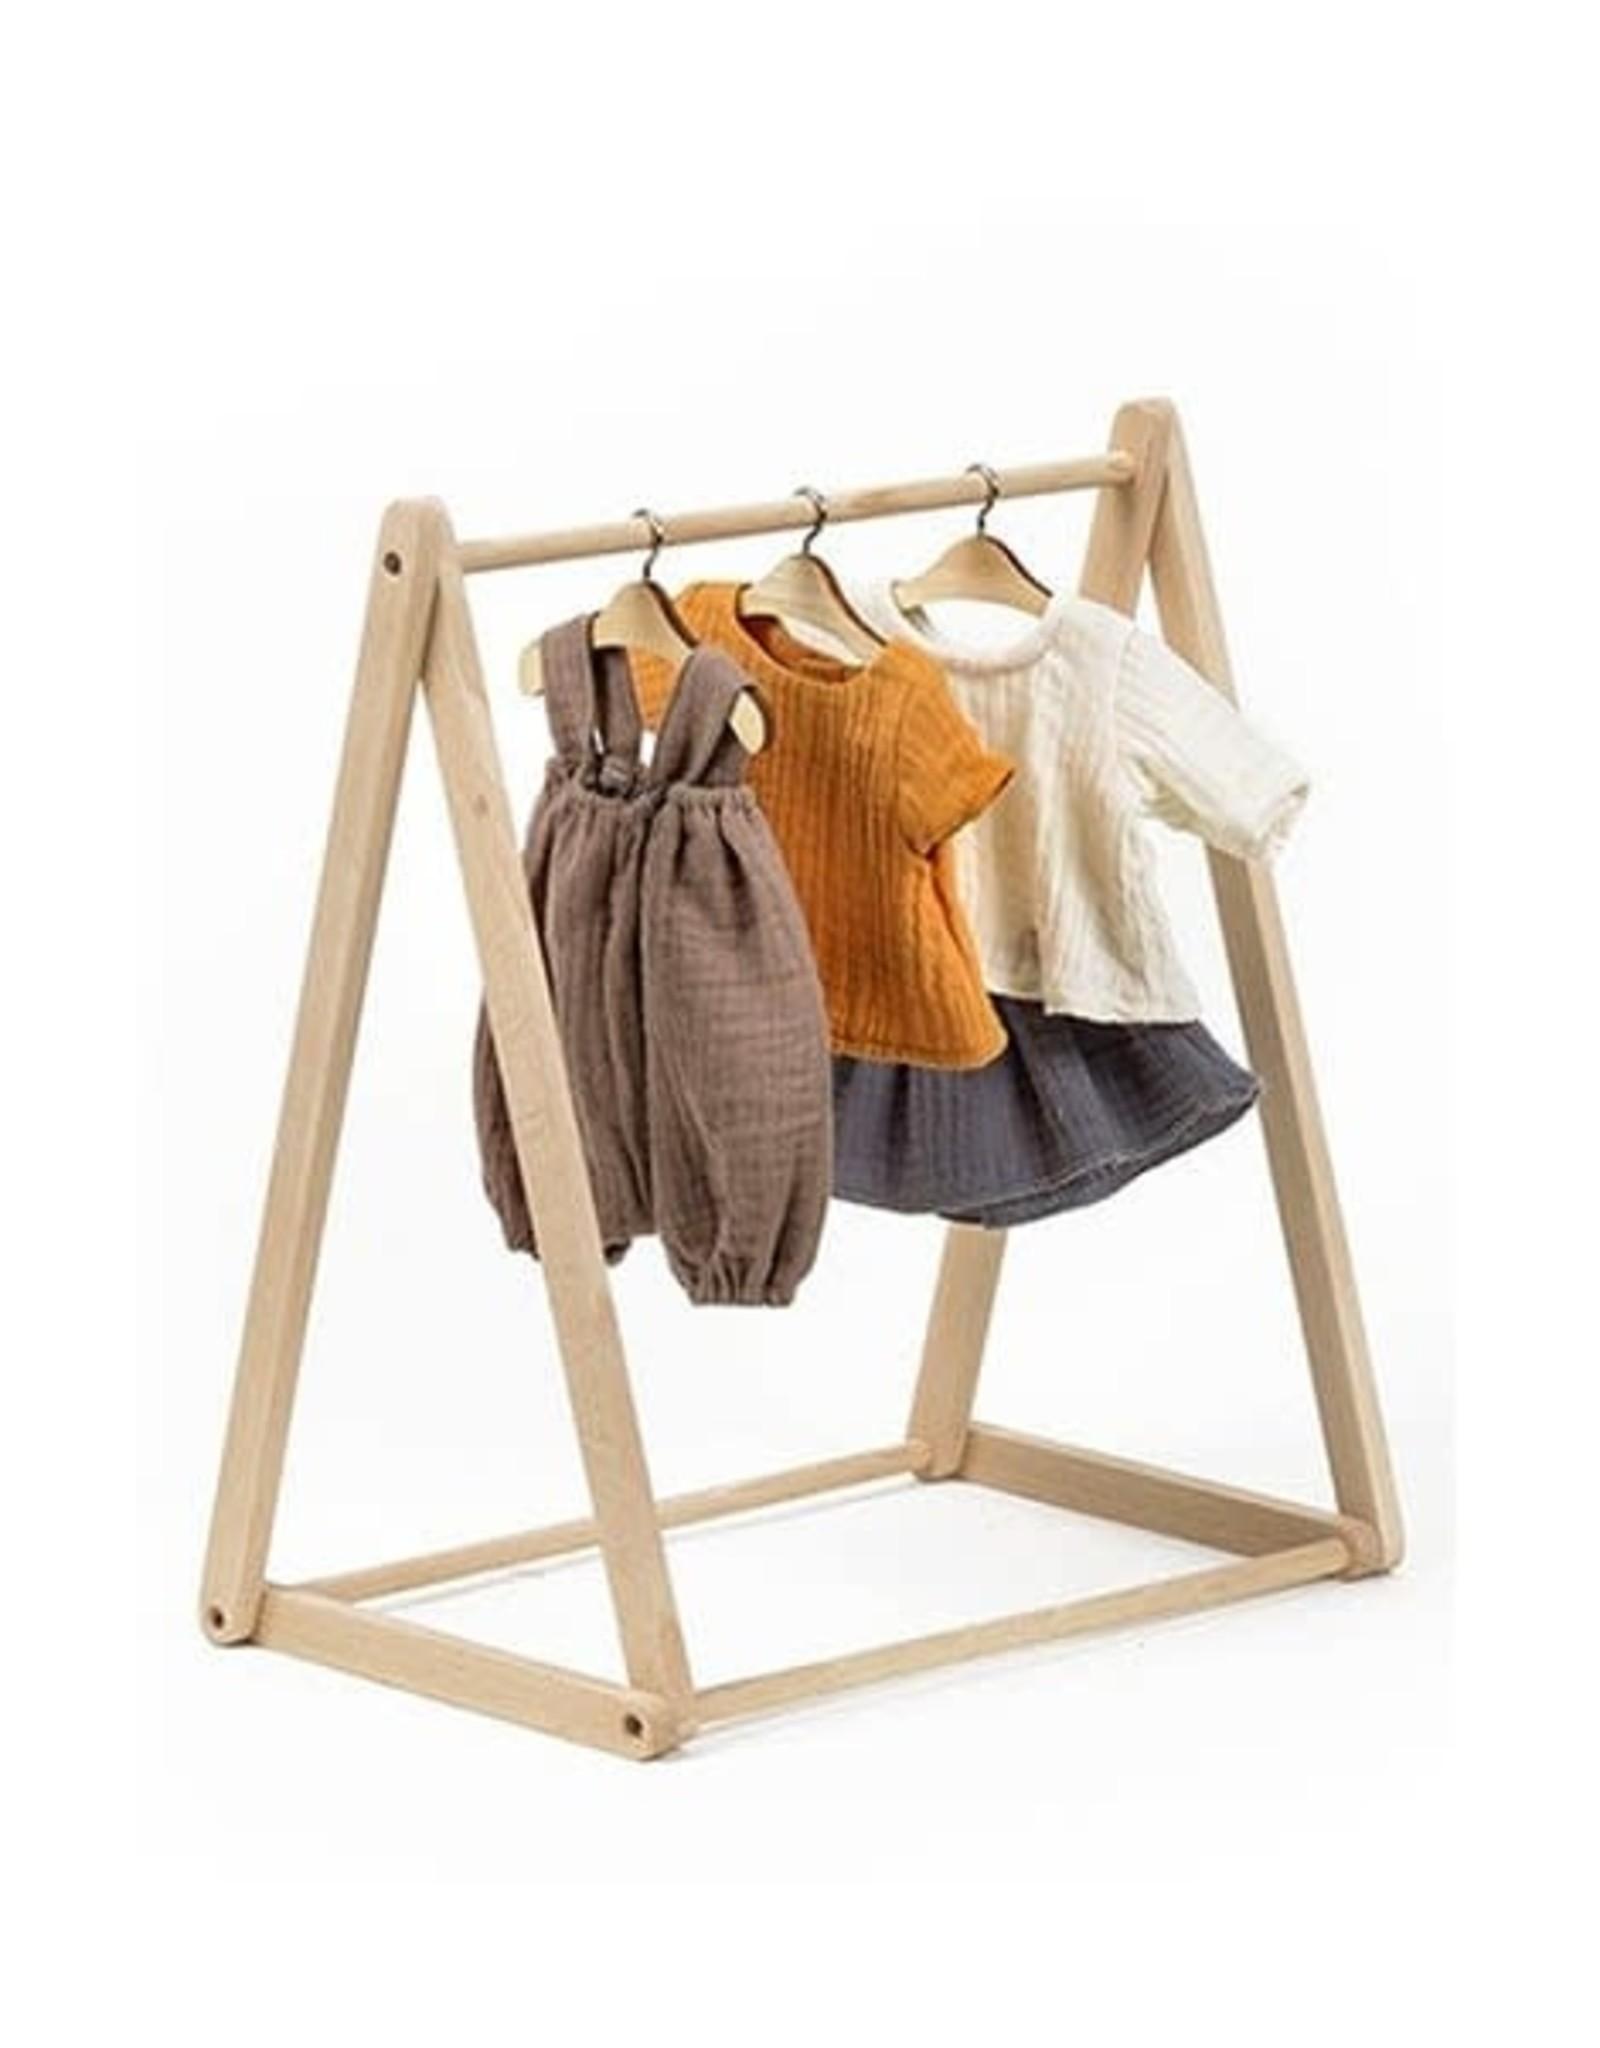 Paola Reina Porte vêtements poupée en bois naturel